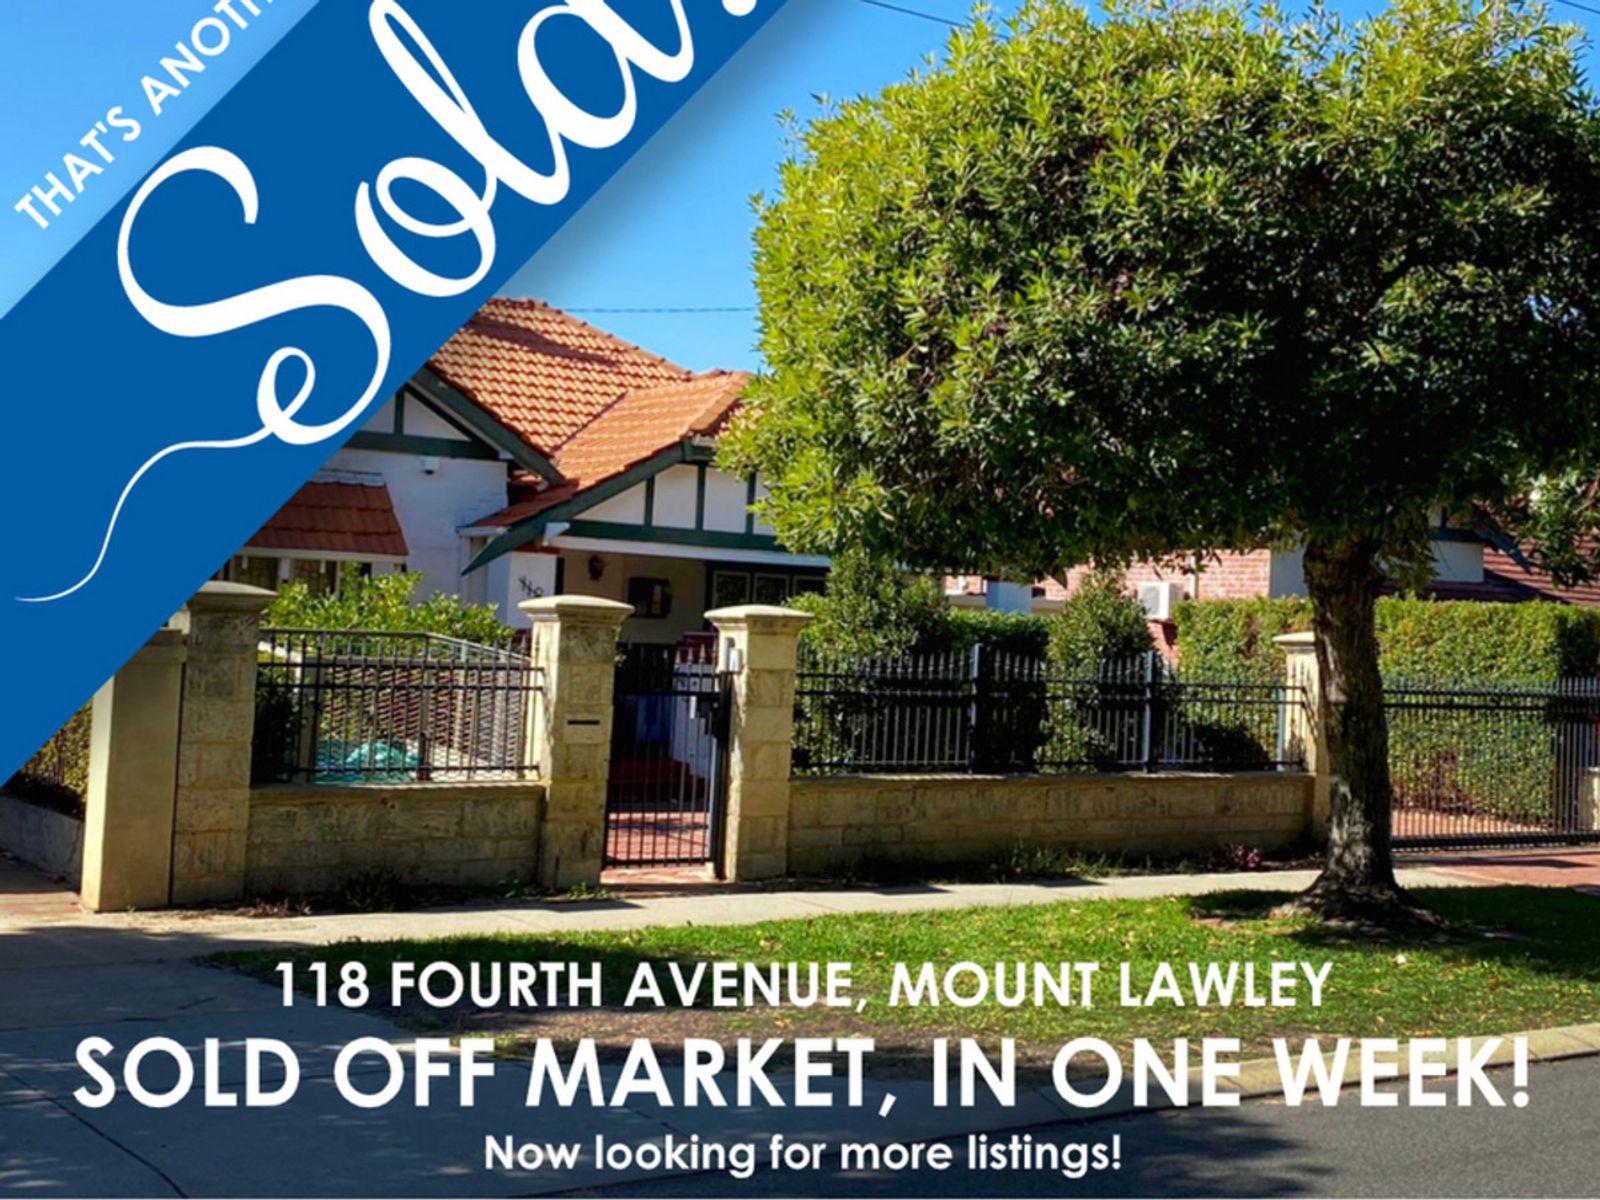 118 Fourth Avenue, Mount Lawley, WA 6050